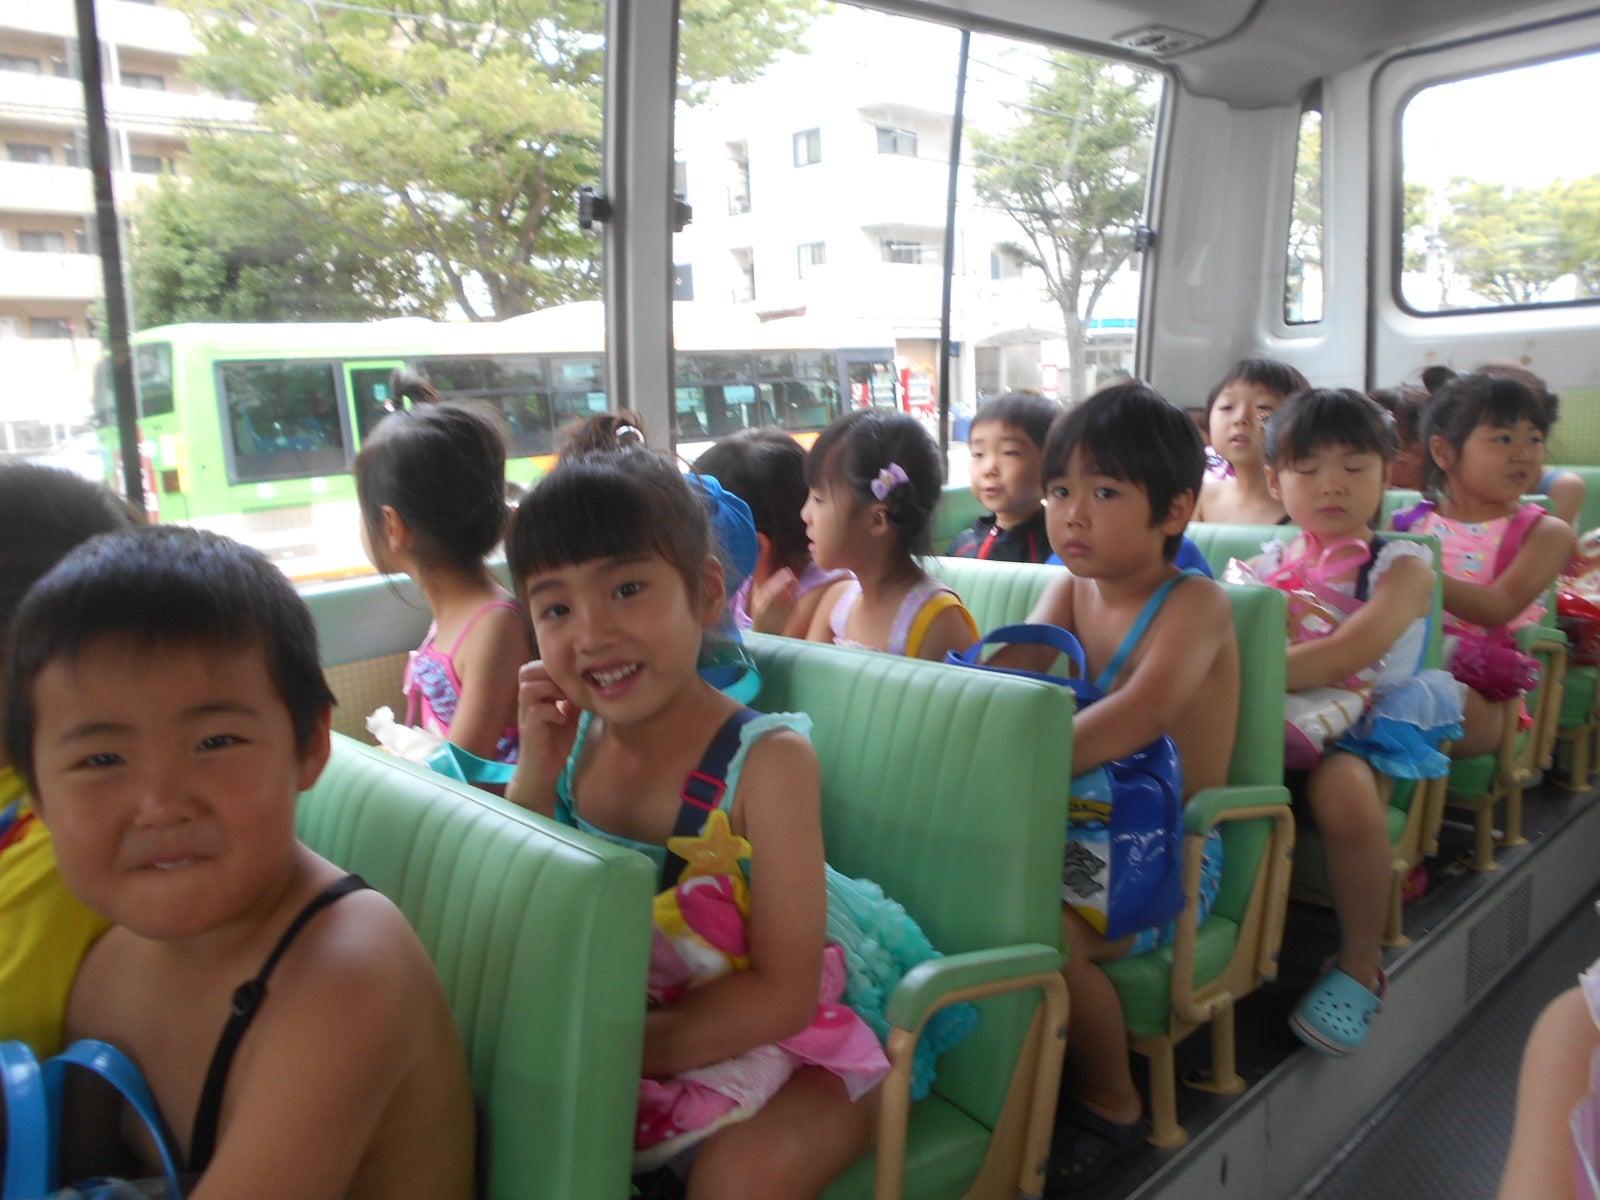 なぎさ幼稚園のブログ【第2607号】ゆき組 東野プール